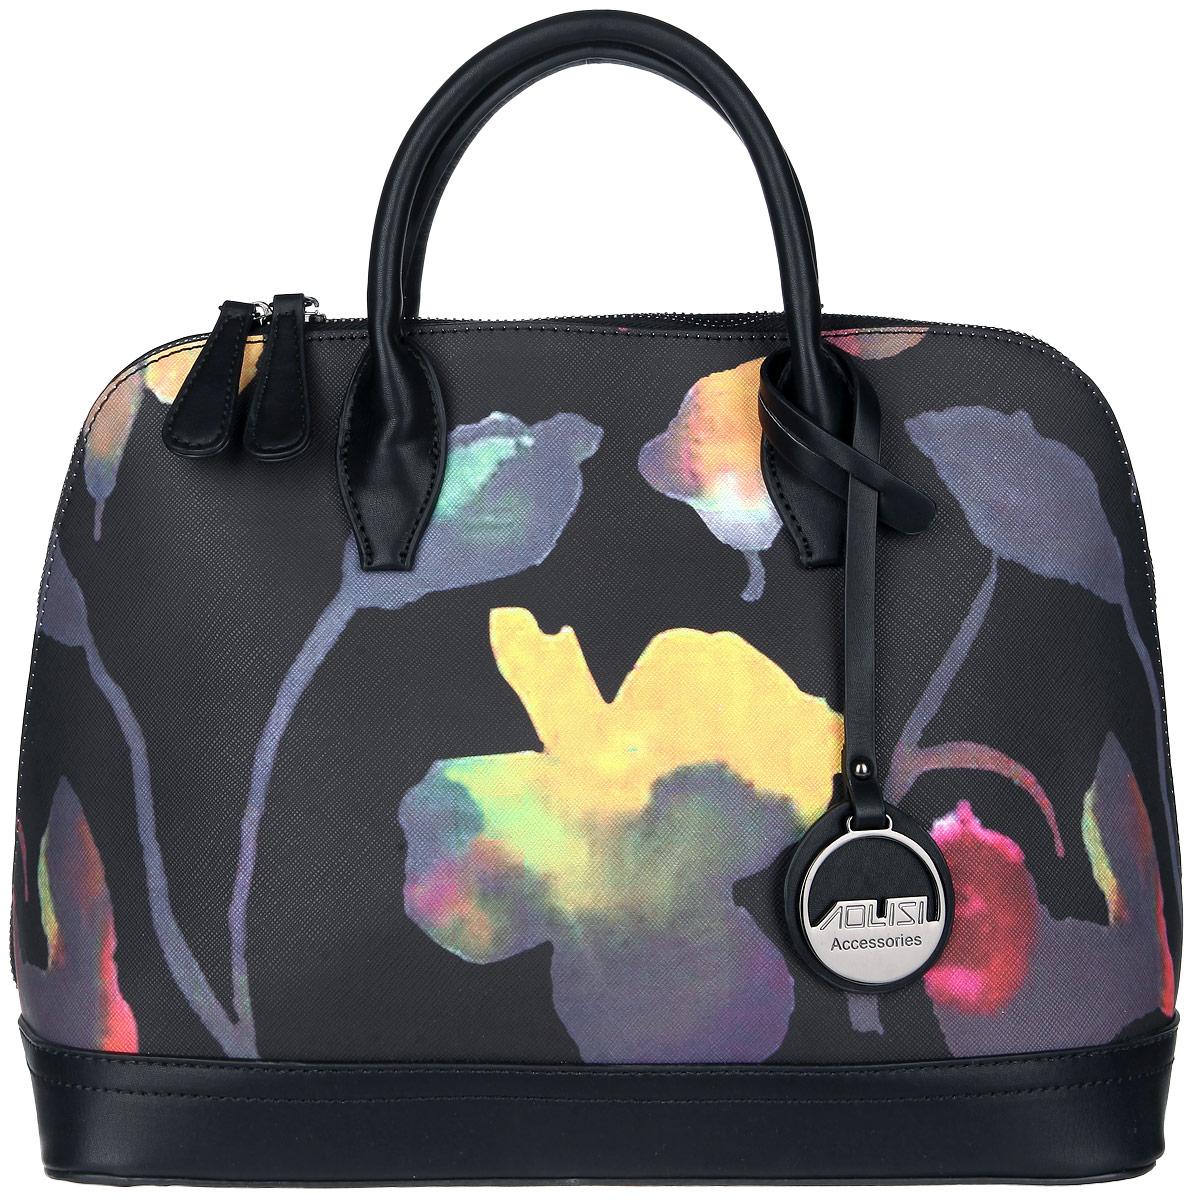 Сумка женская David Jones, цвет: черный. 3980-23980-2 BLACKСтильная женская сумка David Jones выполнена из искусственной кожи, оформлена подвеской с символикой бренда и ярким цветочным принтом. Изделие содержит одно основное отделение, которое закрывается на застежку-молнию. Внутри расположены четыре накладных кармашка для мелочей, один из которых закрывается на молнию, и врезной карман на молнии. Задняя сторона изделия дополнена врезным карманом на молнии. Сумка оснащена съемным плечевым ремнем регулируемой длины и практичными ручками. Дно сумки дополнено металлическими ножками. Оригинальный аксессуар позволит вам завершить образ и быть неотразимой.